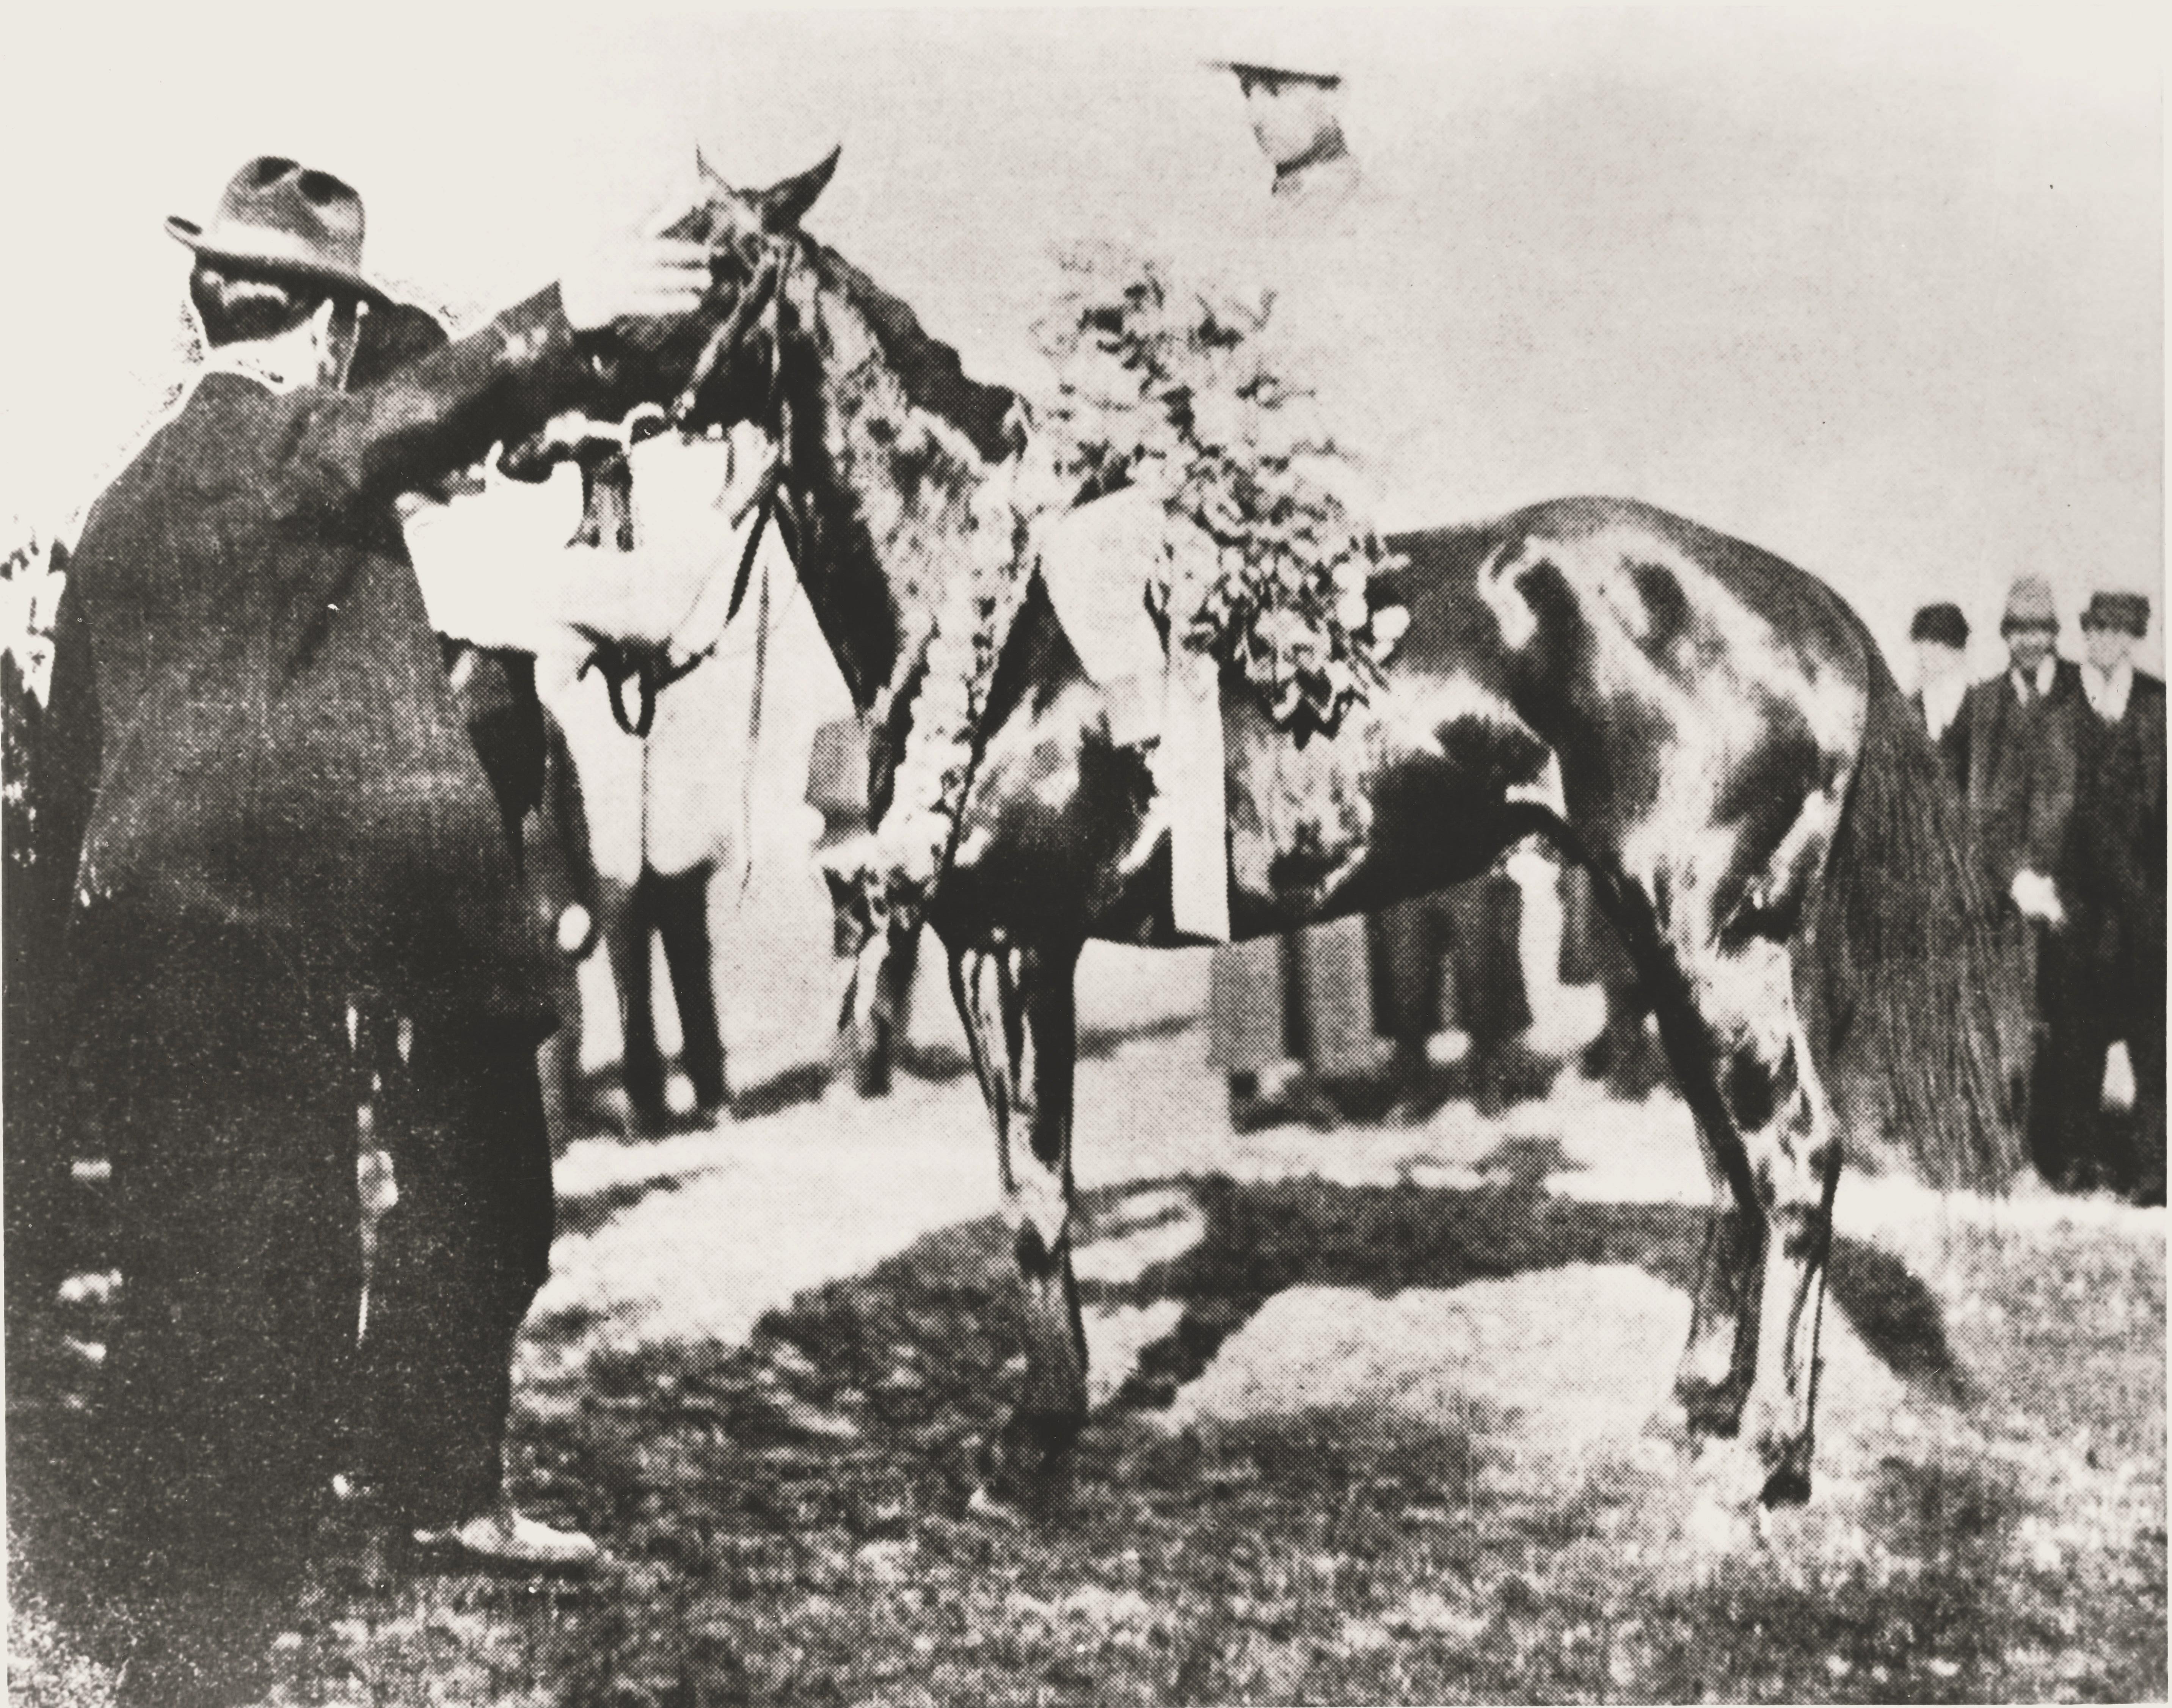 Vincent Powers aboard Wintergreen after winning the 1909 Kentucky Derby (Kentucky Derby Museum)